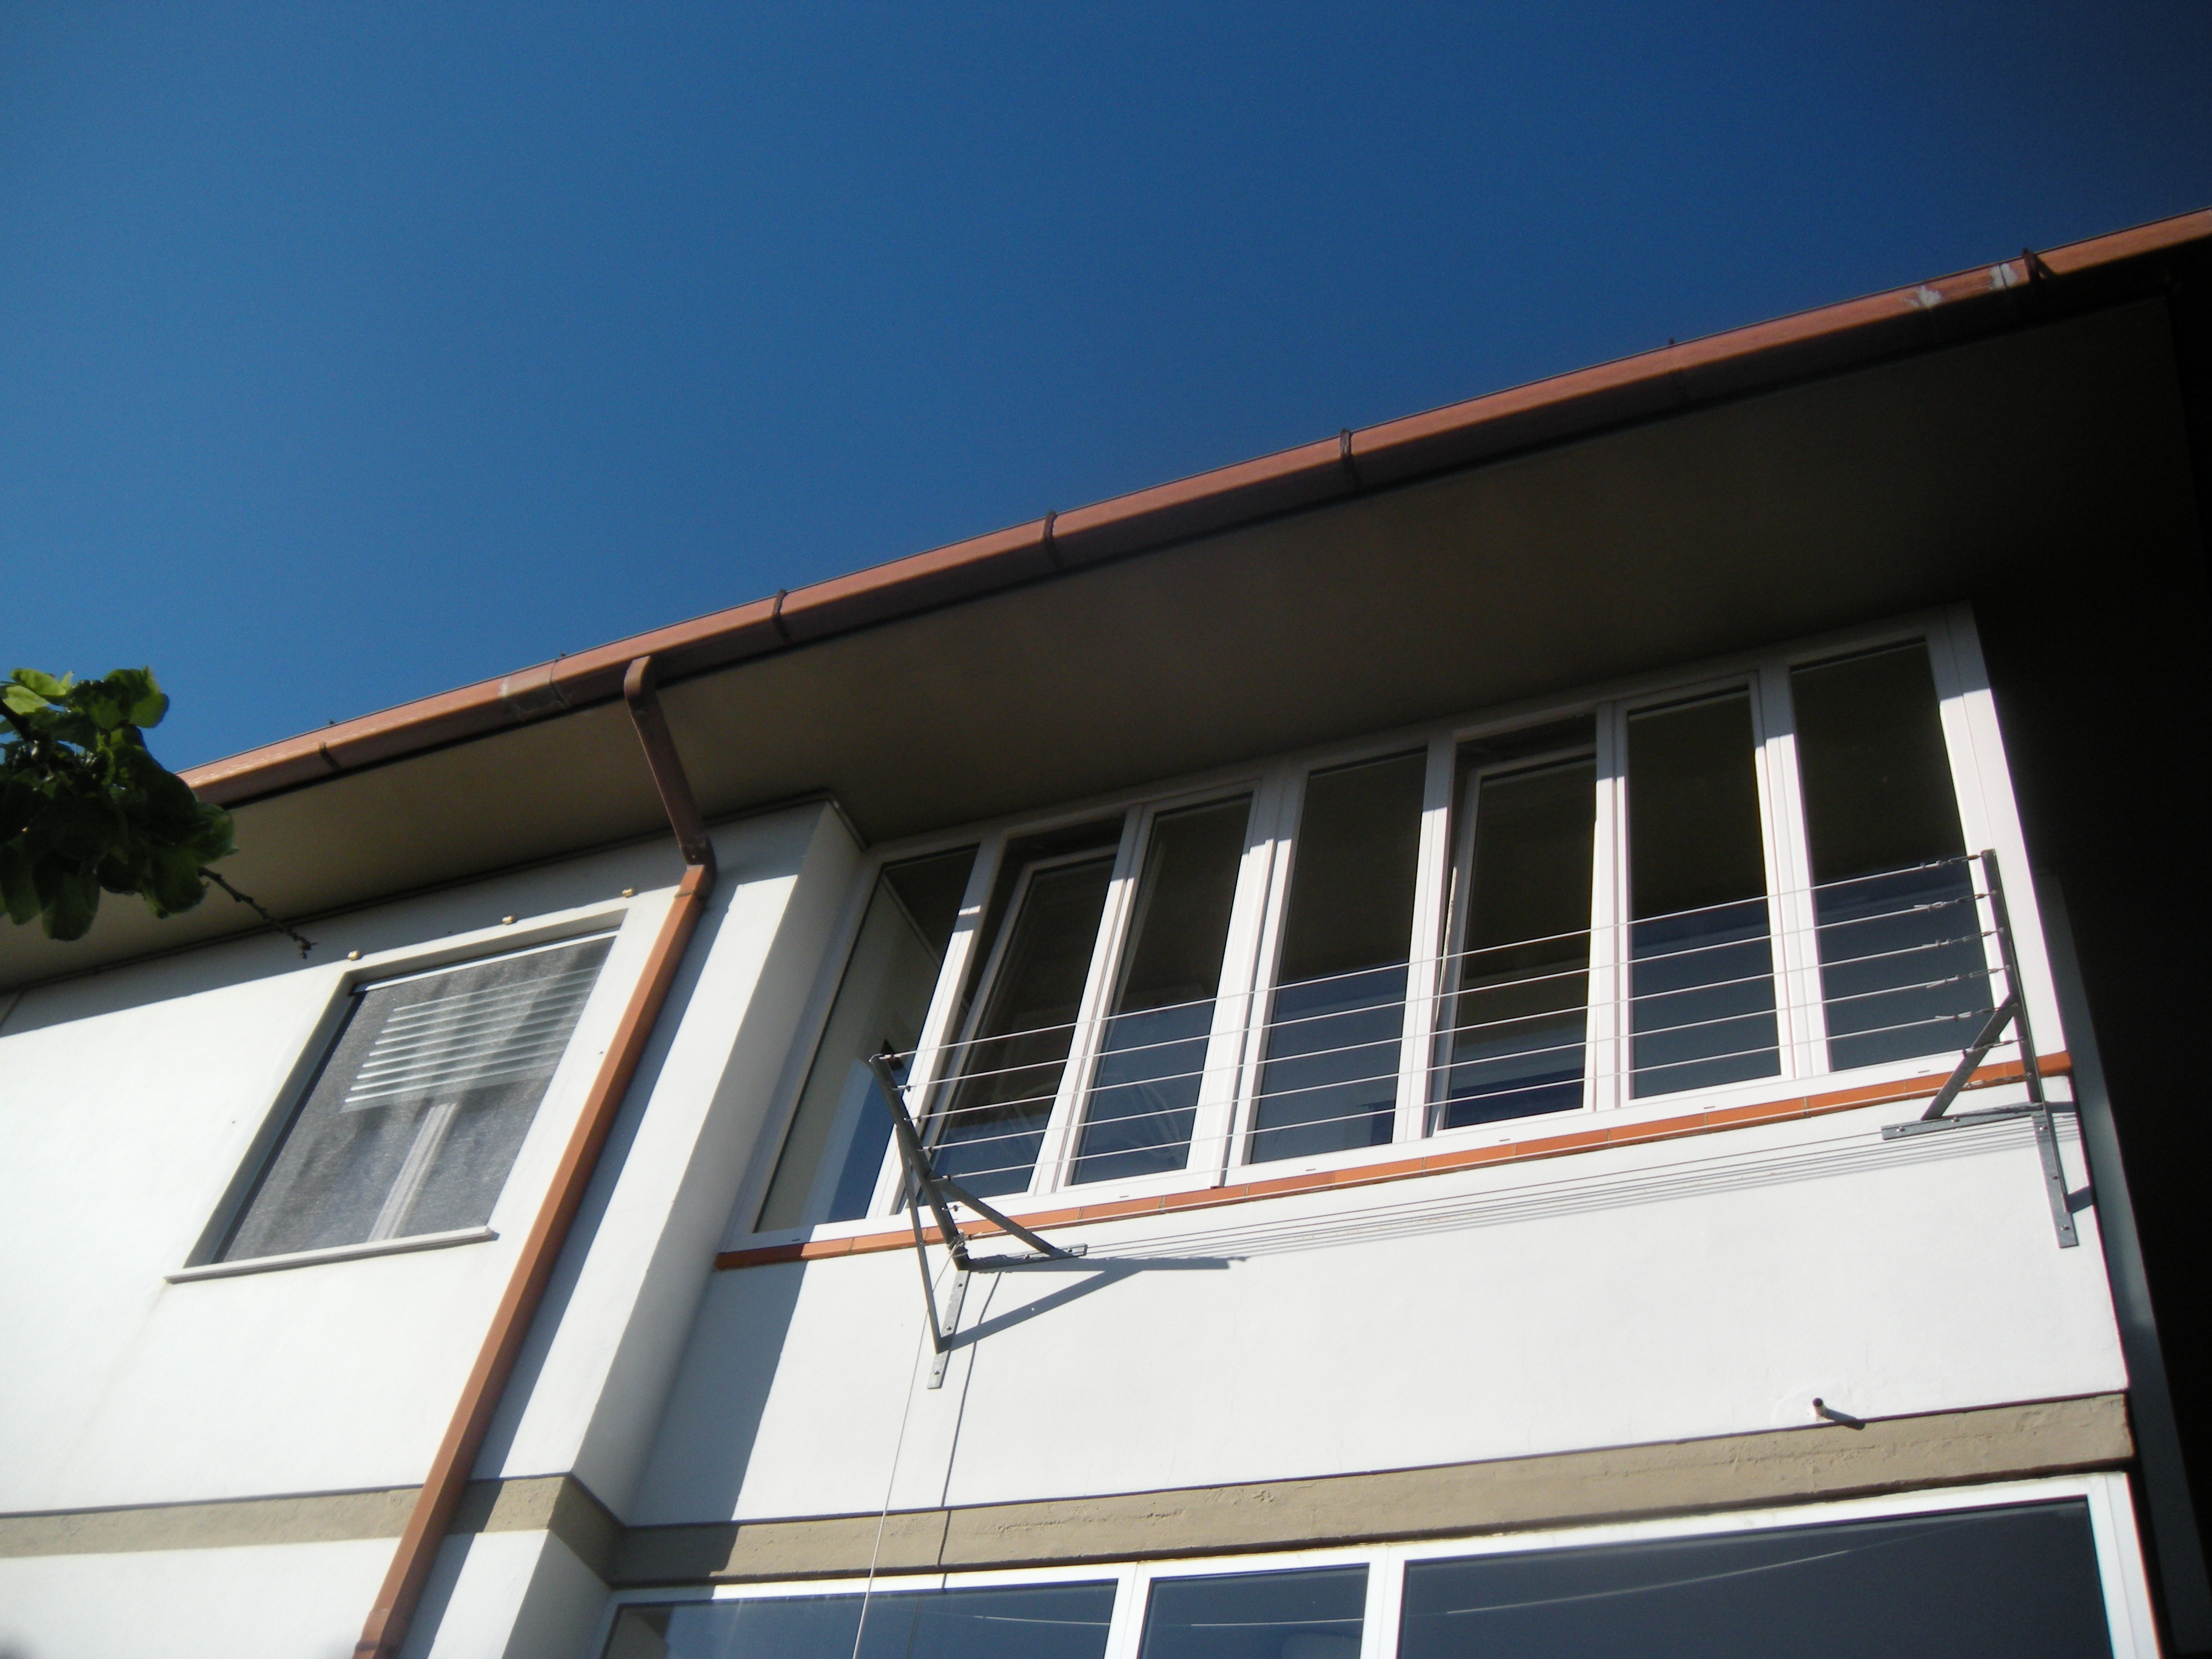 Chiusura balcone con infissi in pvc a pontedera omnia for Infissi balcone